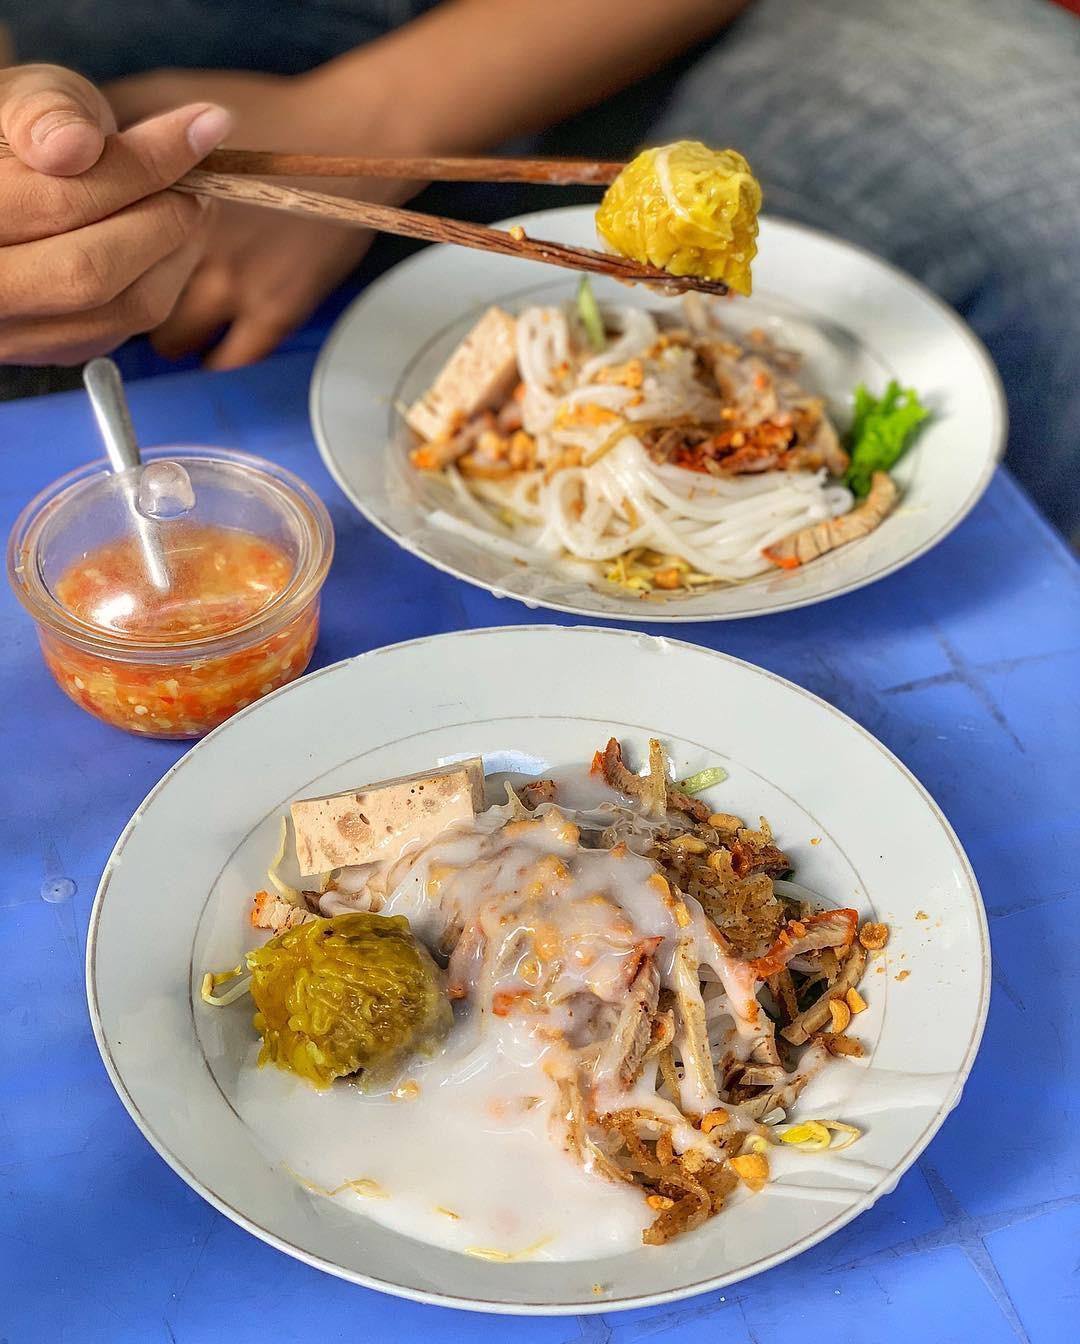 Ăn thả ga với những món ăn vặt ngon, bổ, rẻ tại Cần Thơ - Ảnh 3.